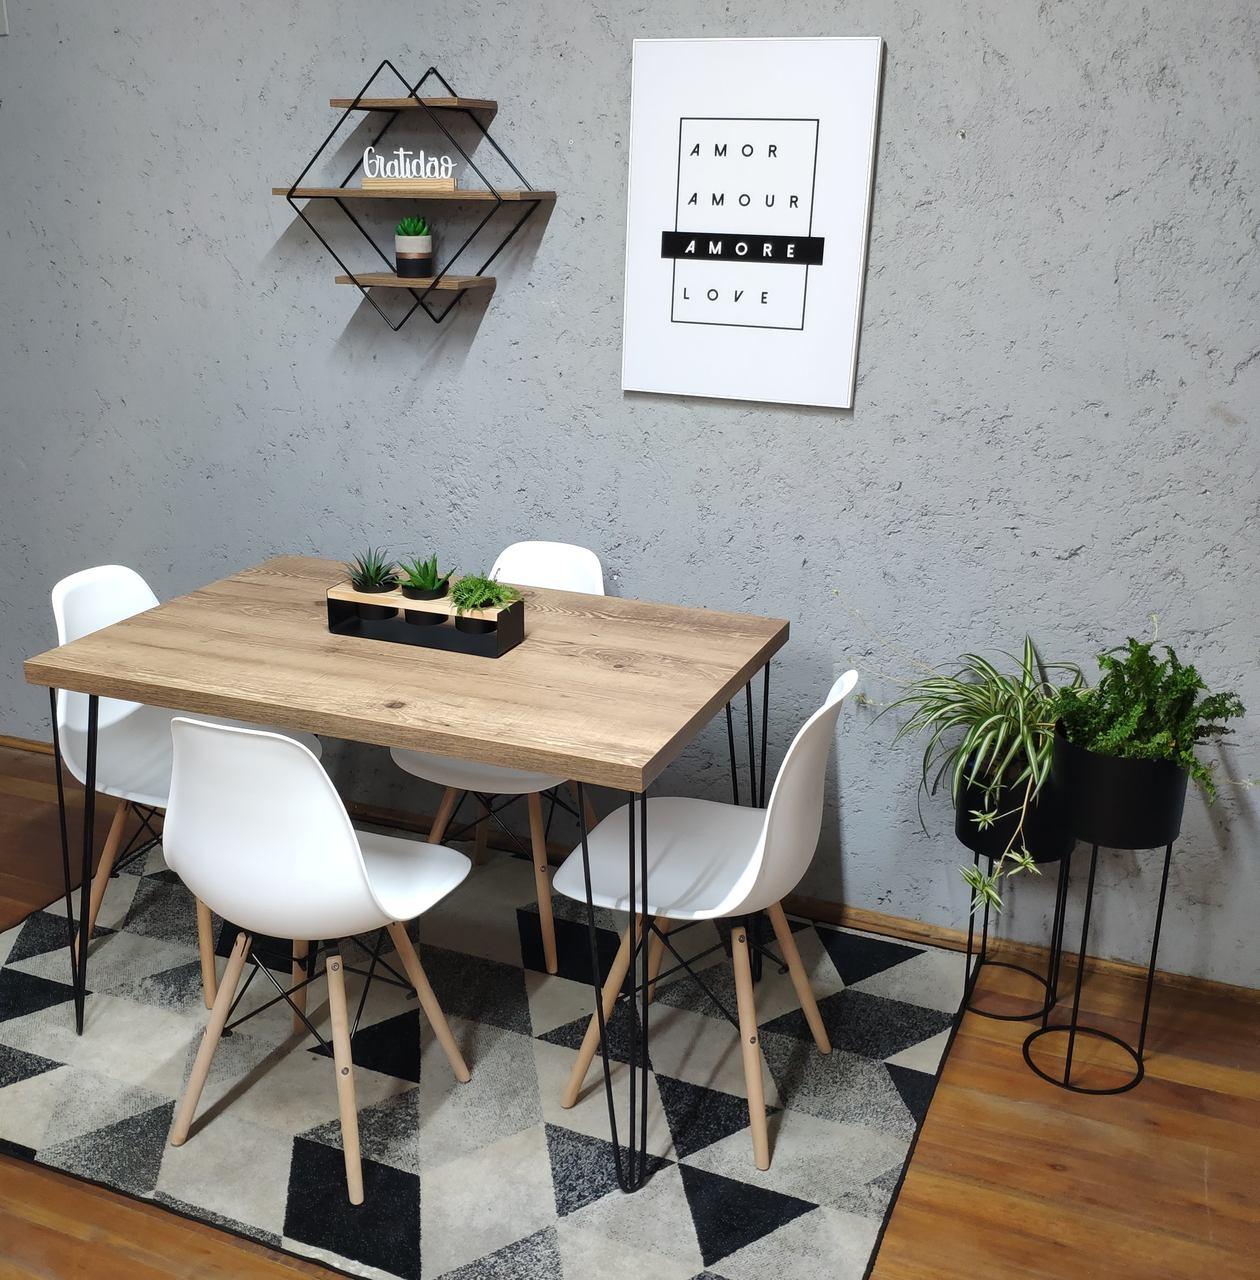 Mesa de Jantar Antiqua Hairpin Legs com 4 Cadeiras Eames Brancas  - Mtne Store